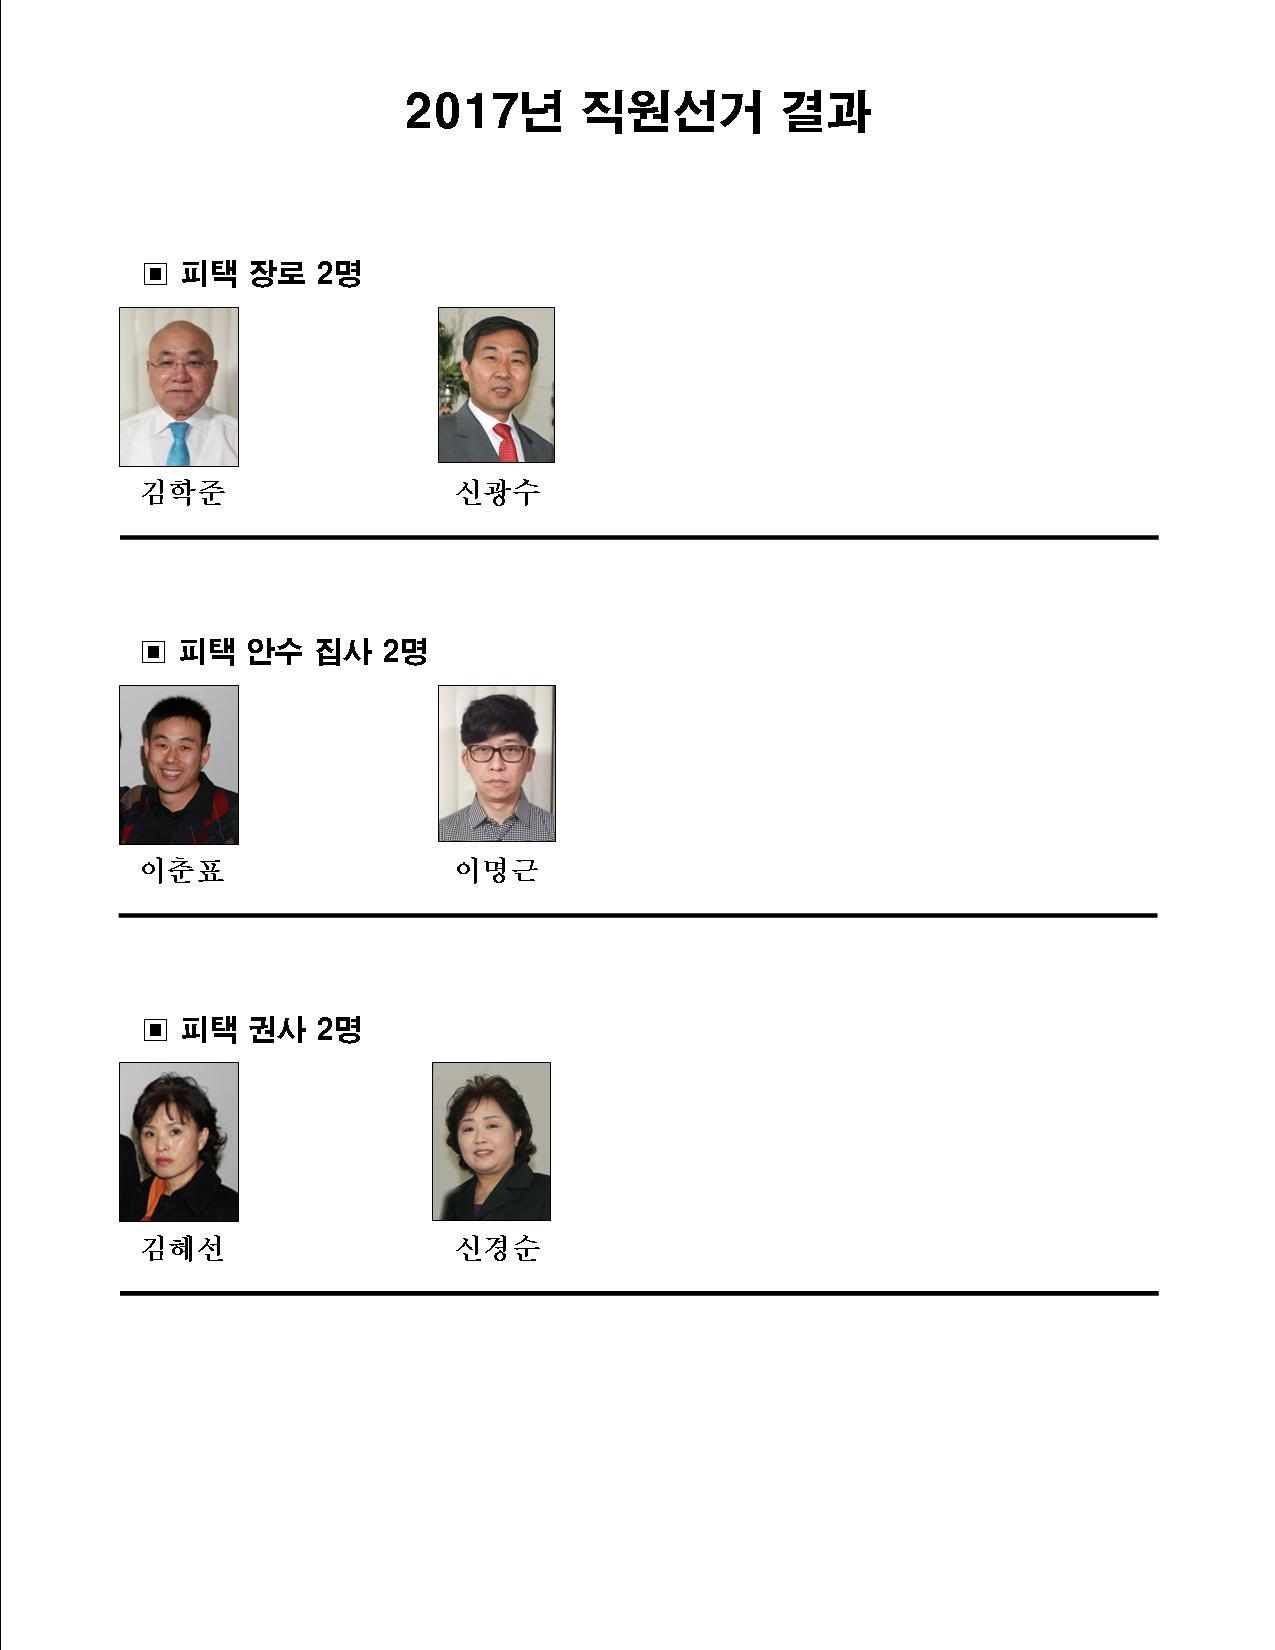 2017년 직원 선거 결과.jpg